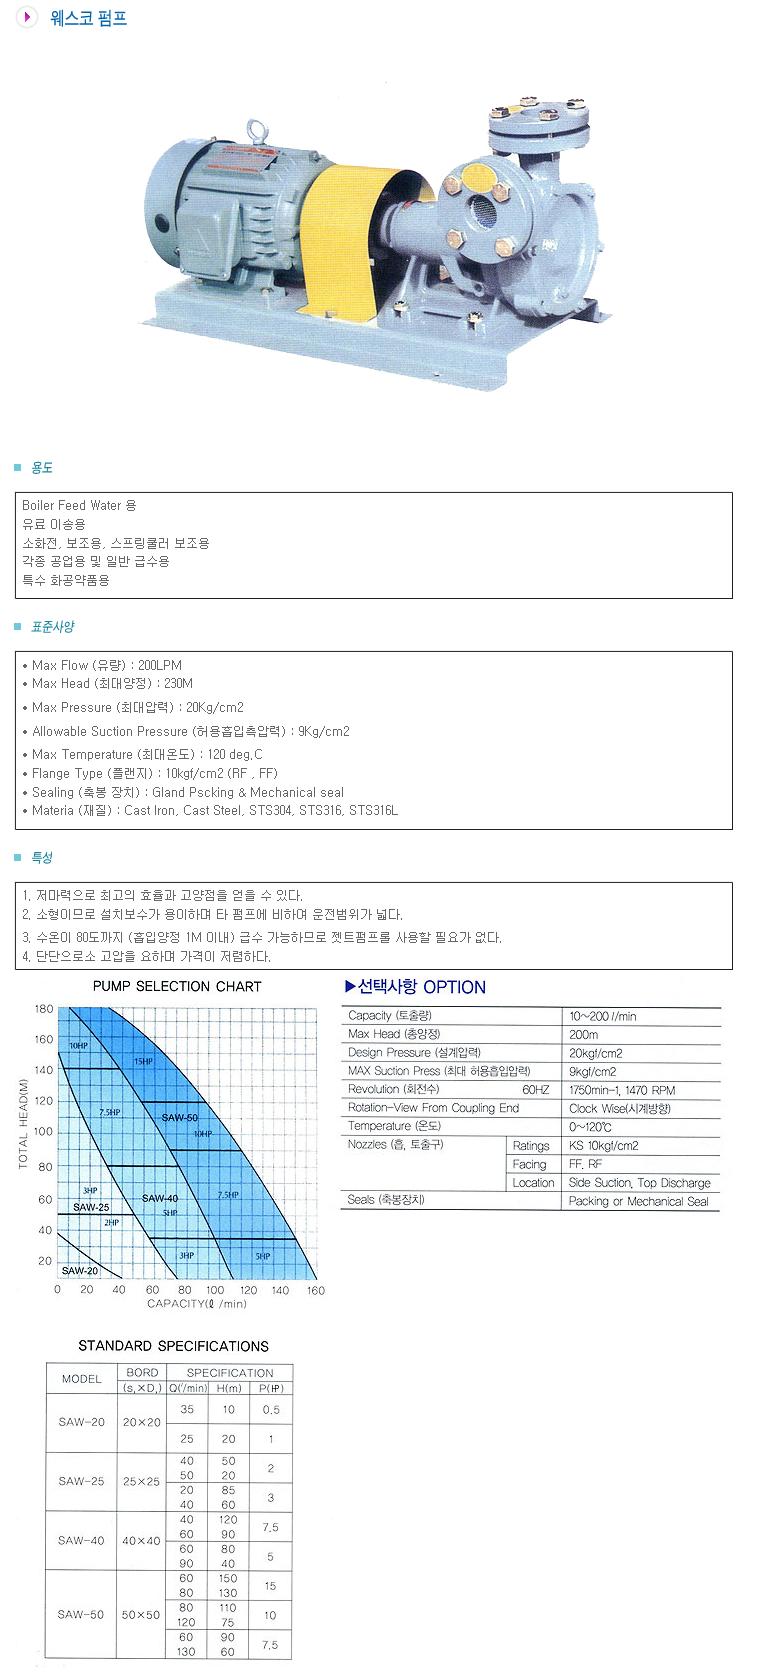 새안펌프공업 웨스코 펌프 SAW-20/25/40/50